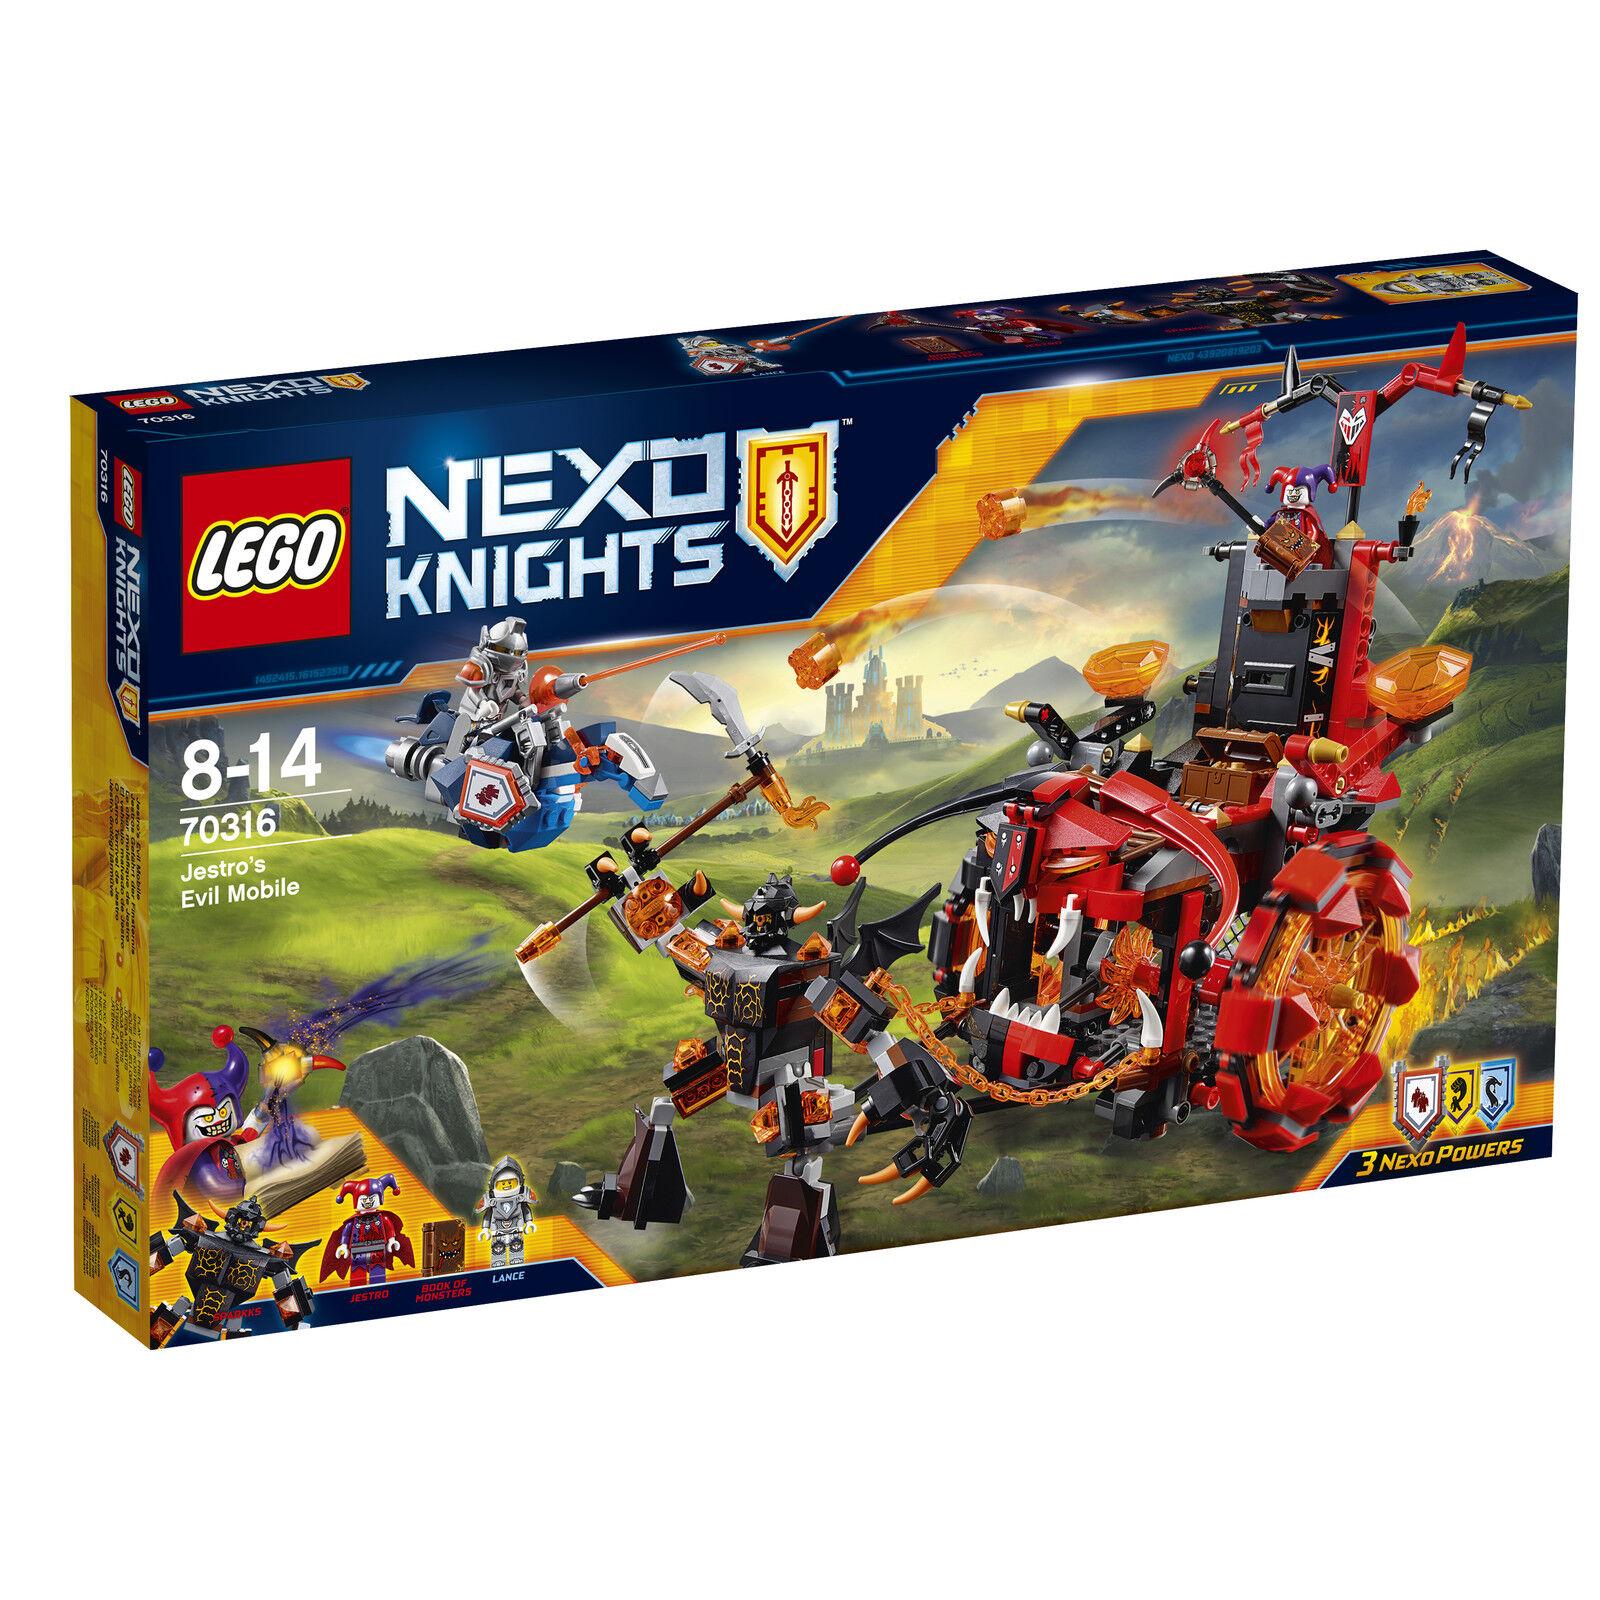 LEGO ® Nexo Knights ™ 70911 dell'Artico bolide del delleprossoe _ jestro's Evil mobile